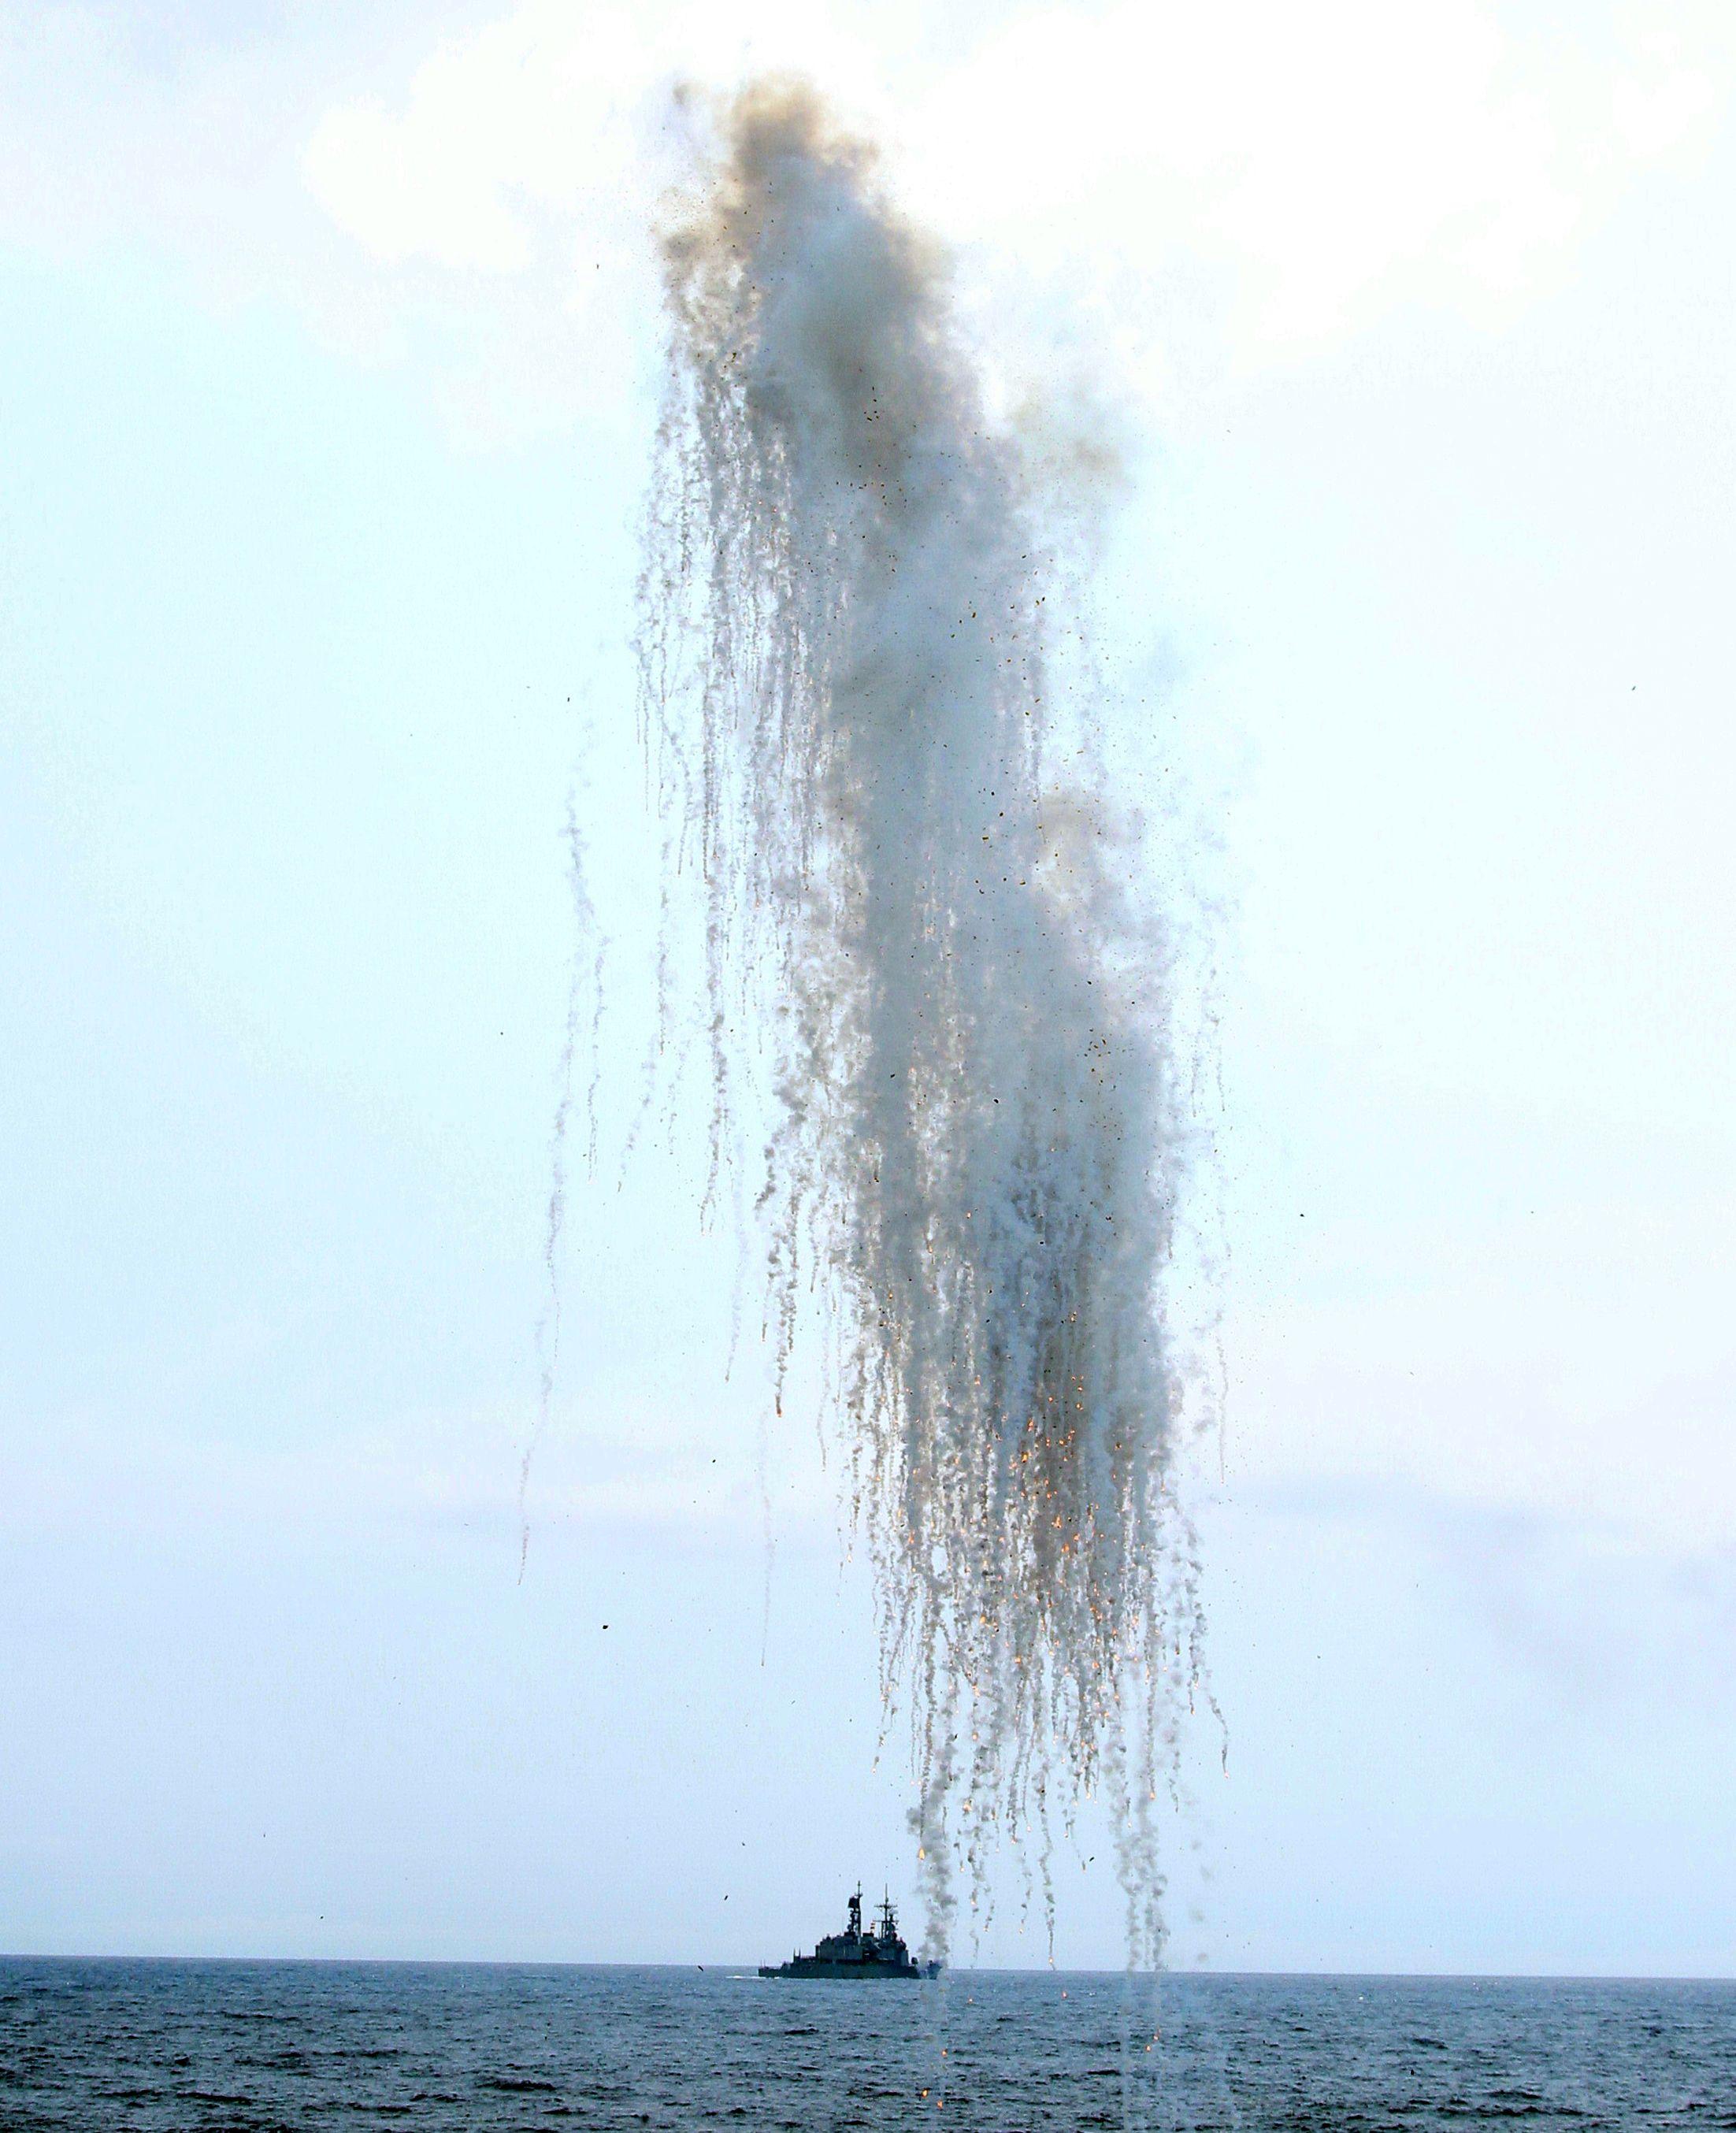 各級艦對敵施放干擾彈模擬。(記者邱榮吉/蘇澳拍攝)